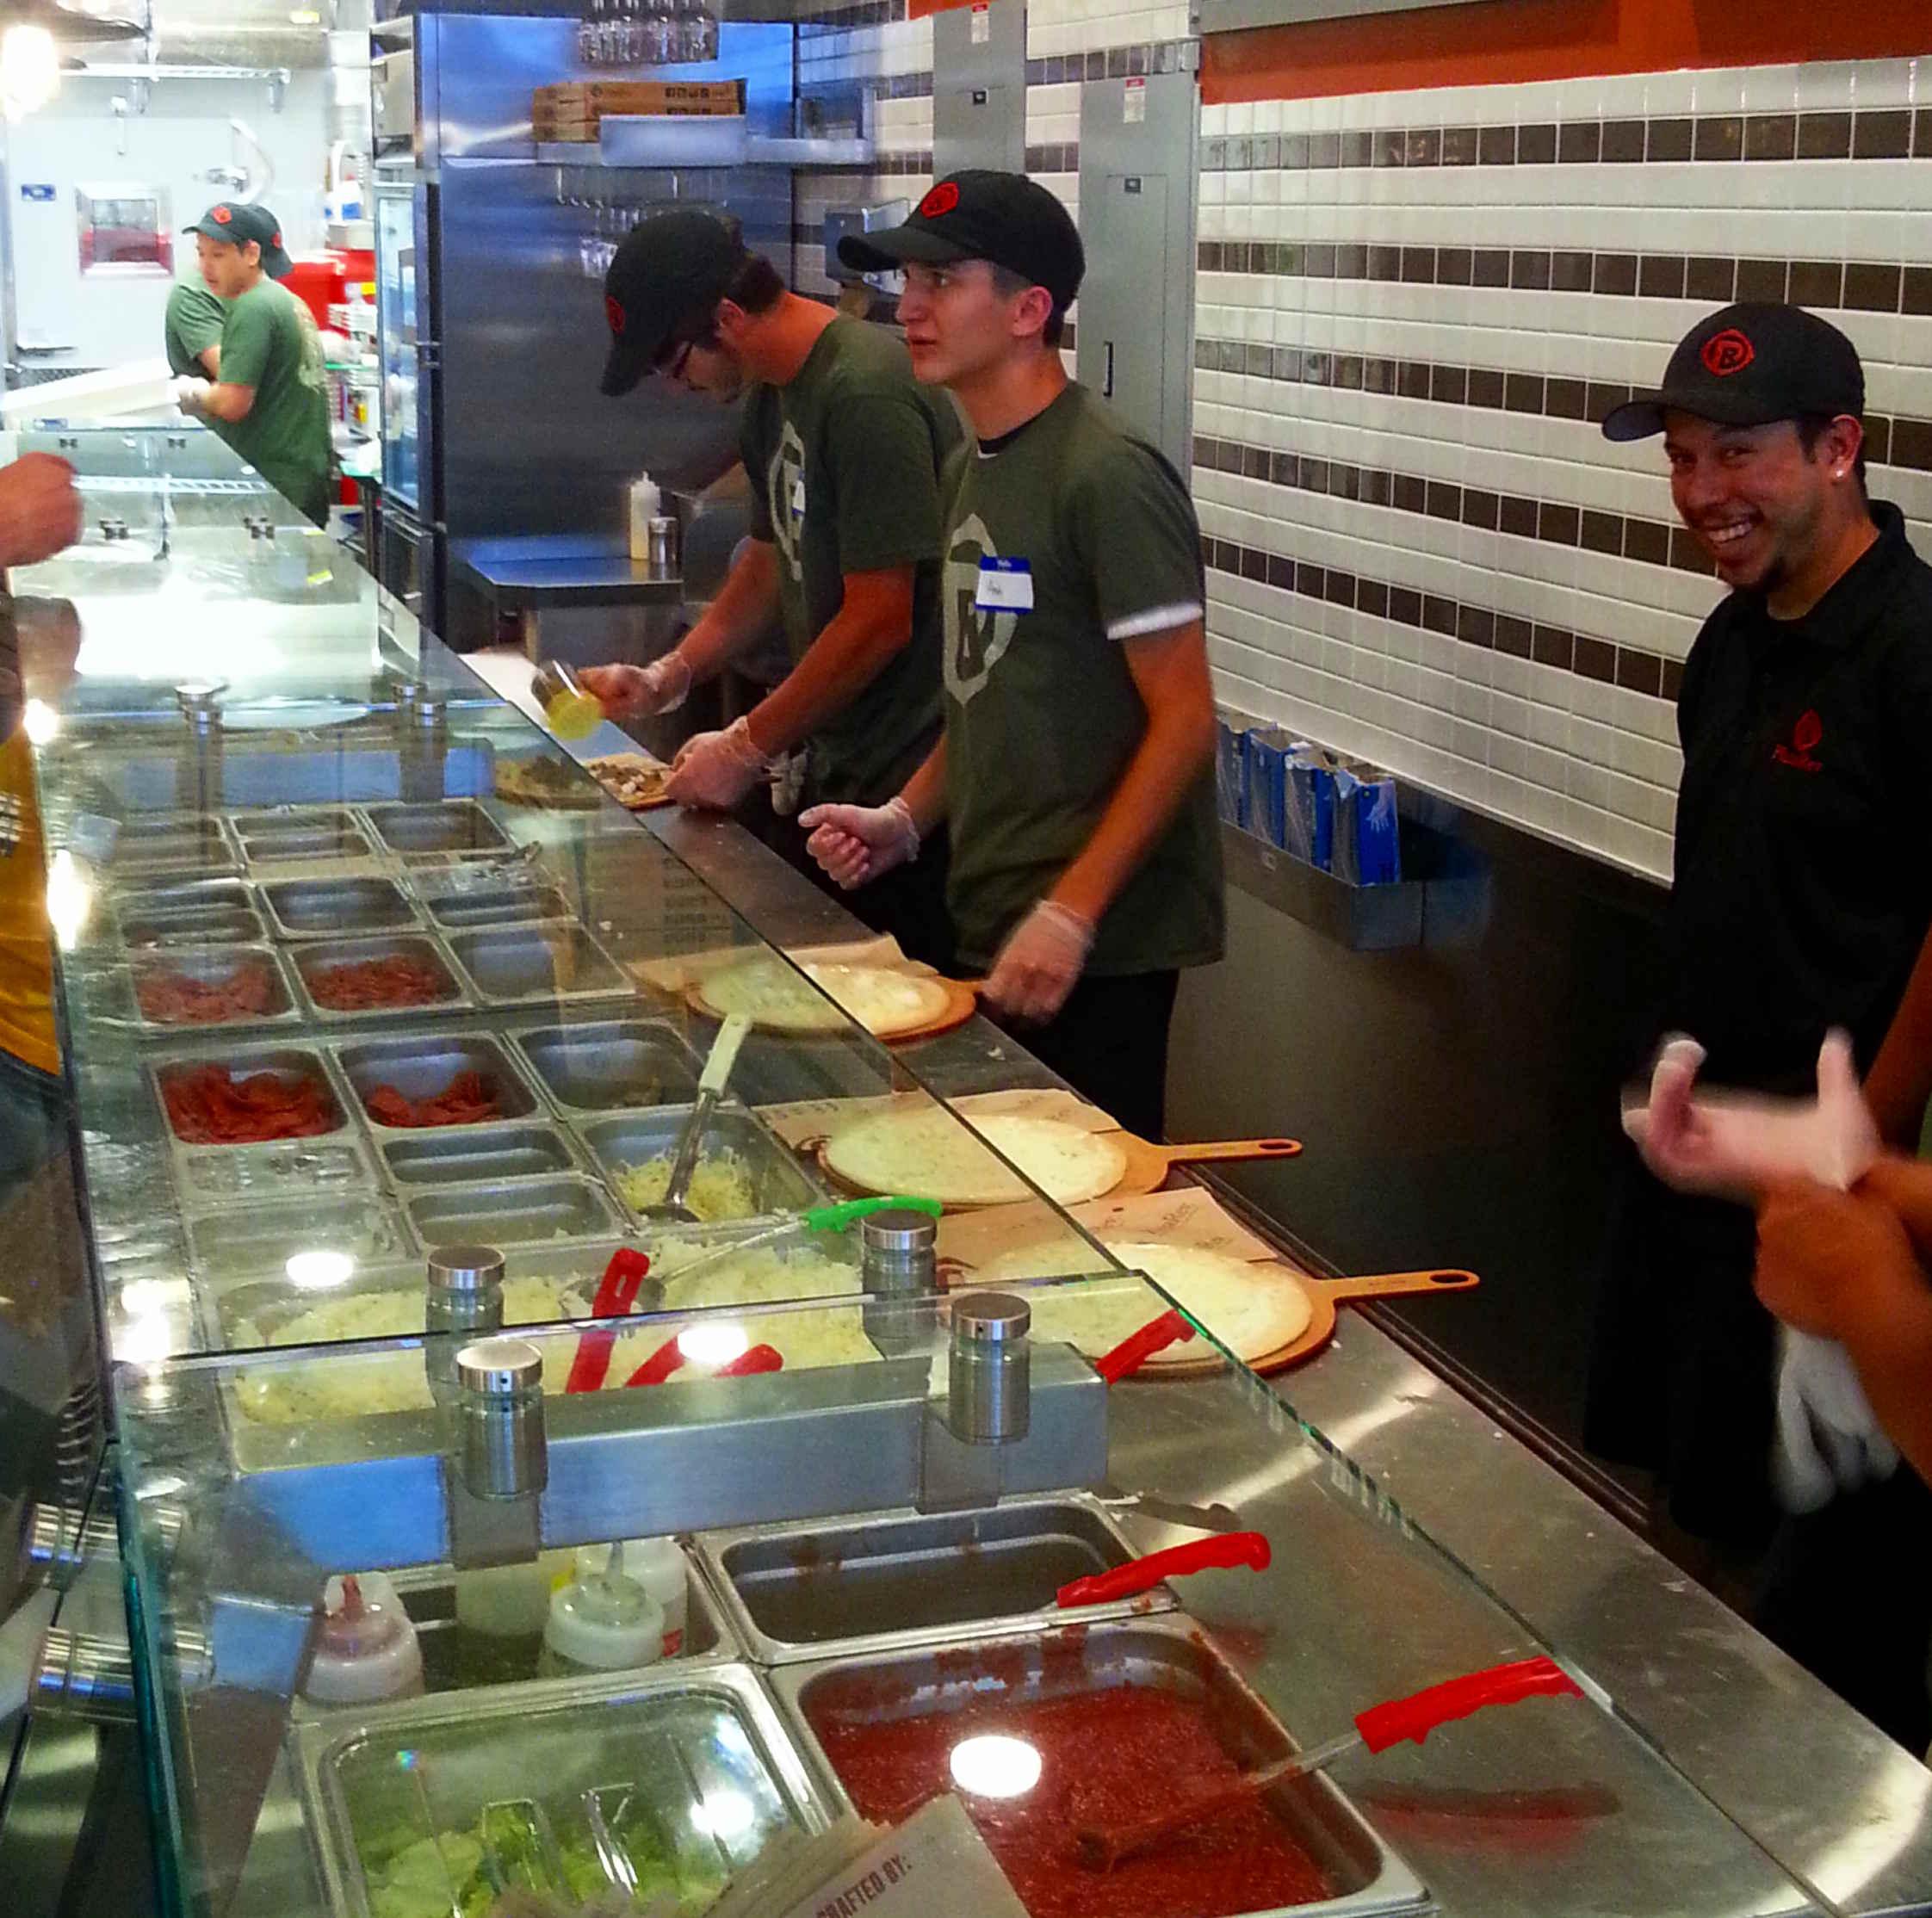 Fast Food Restaurants On Th Street Mall